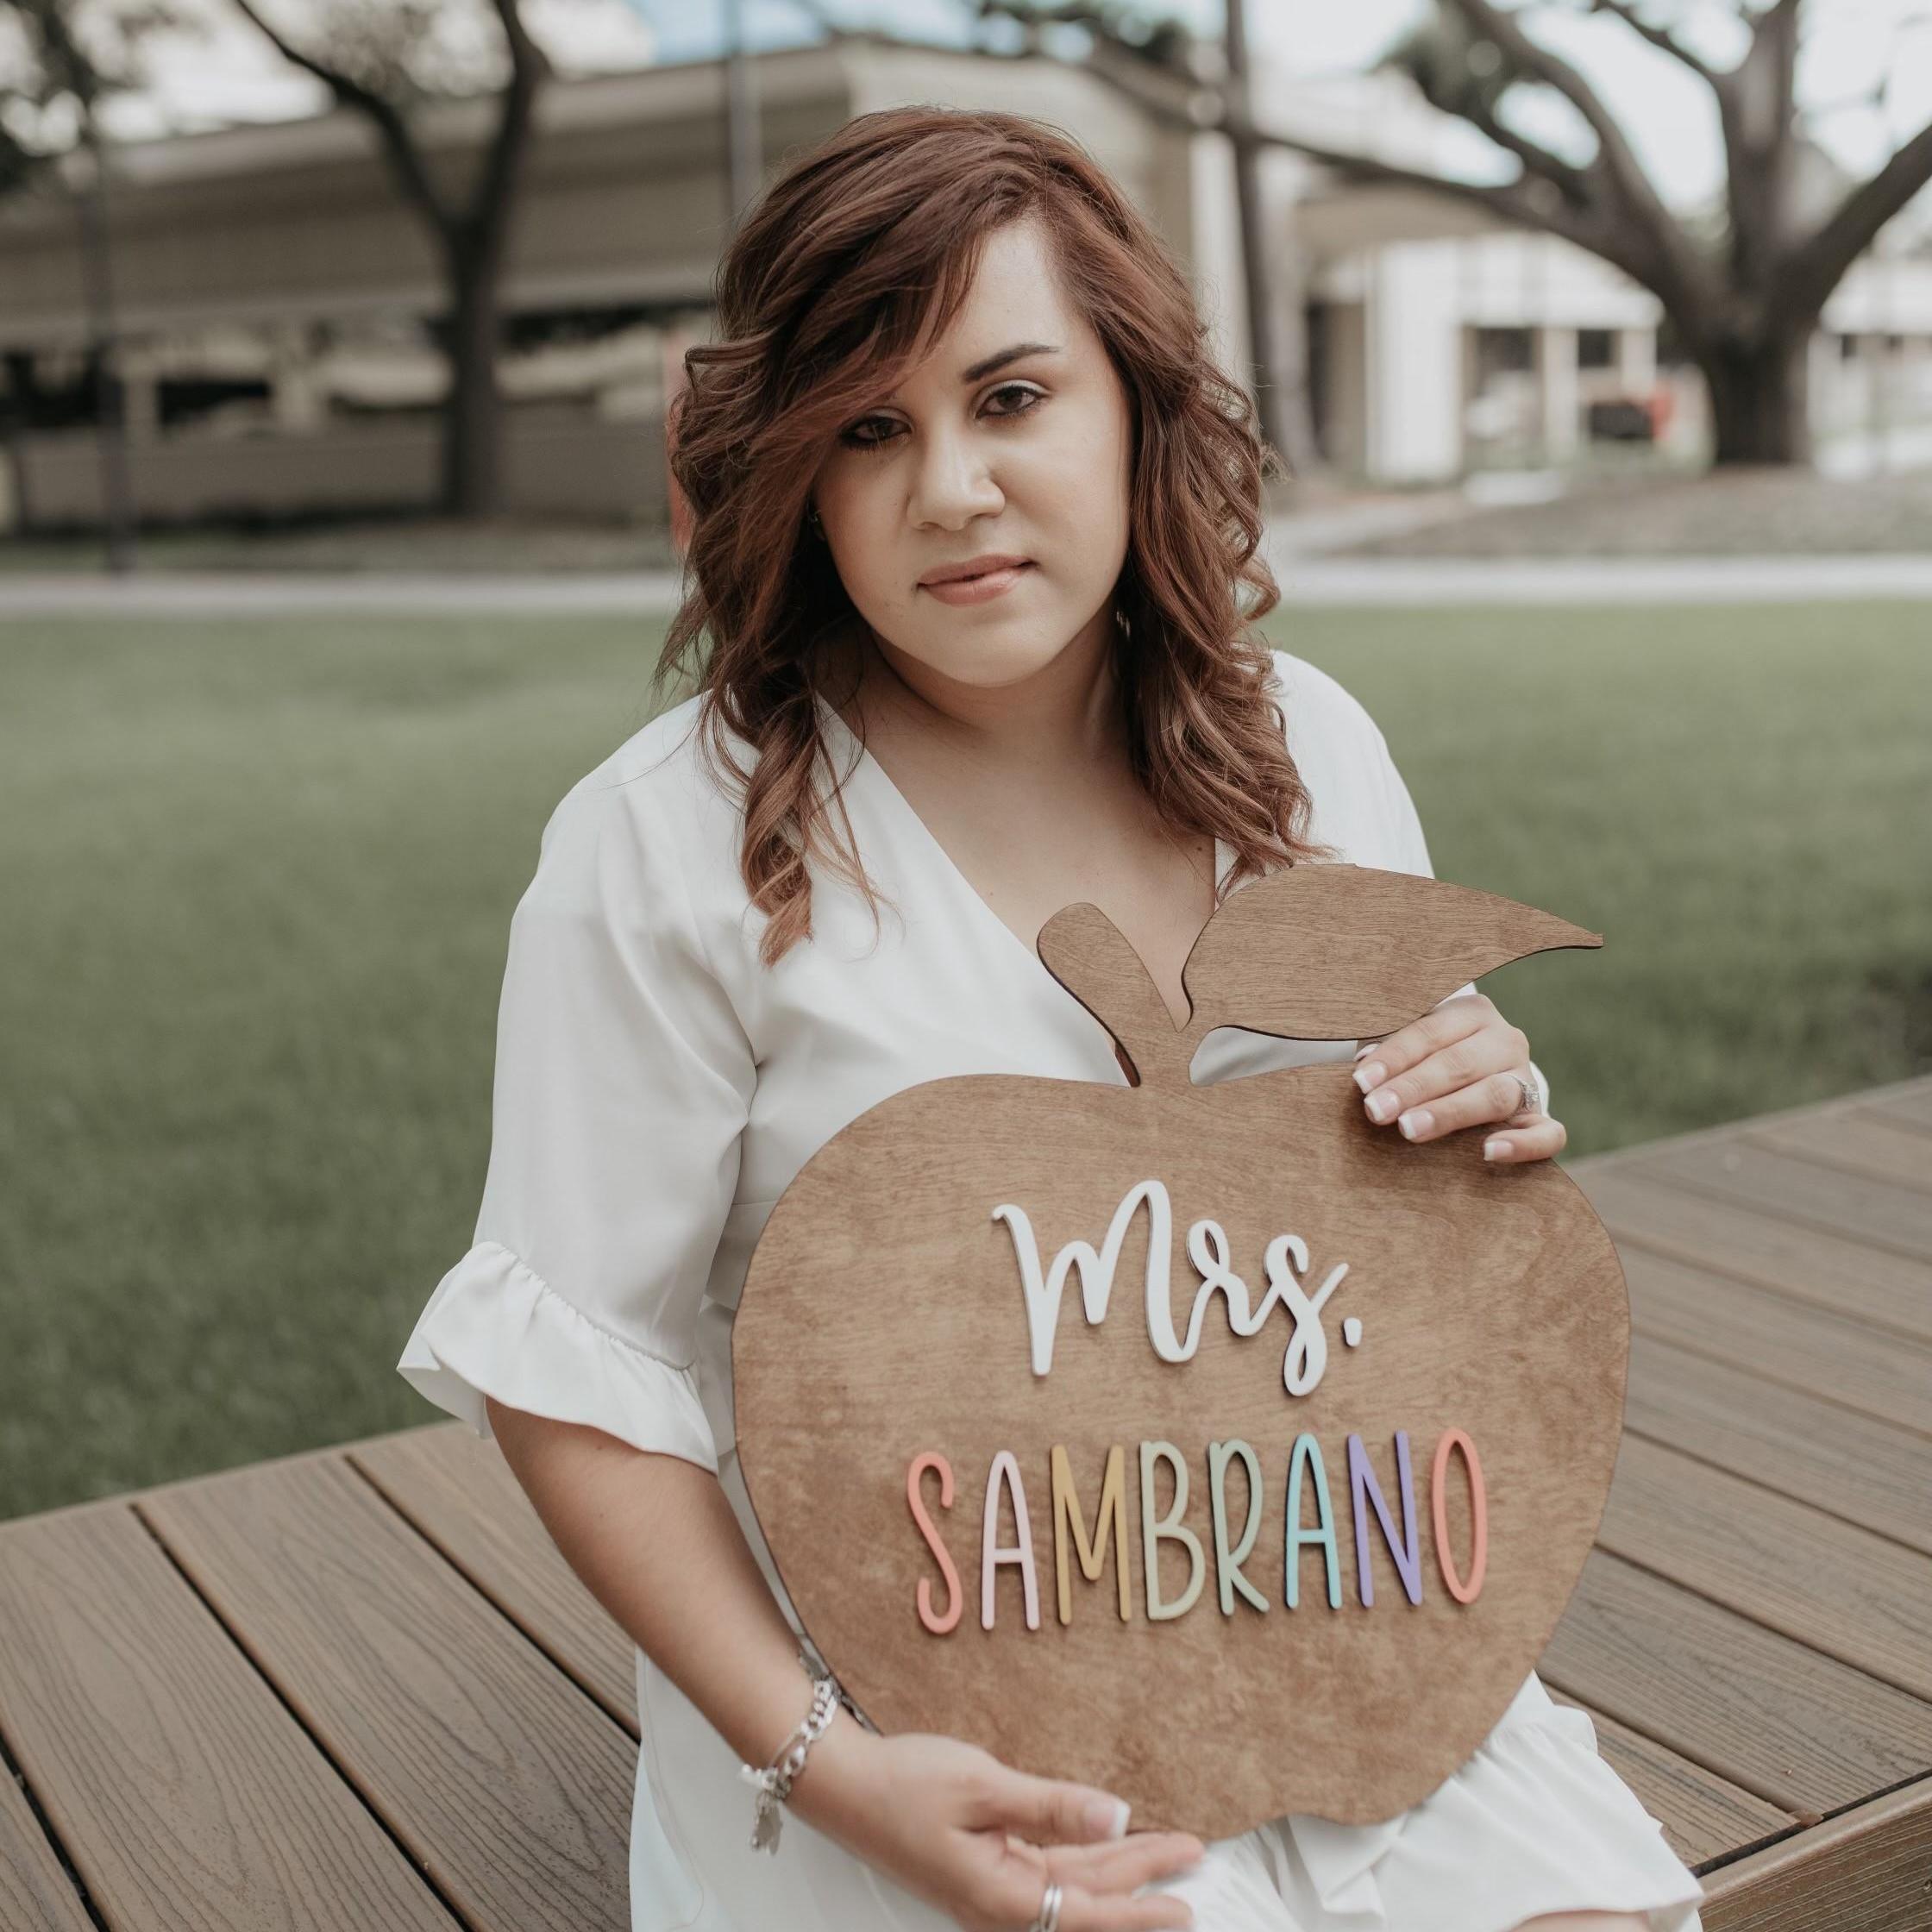 Guadalupe Sambrano's Profile Photo